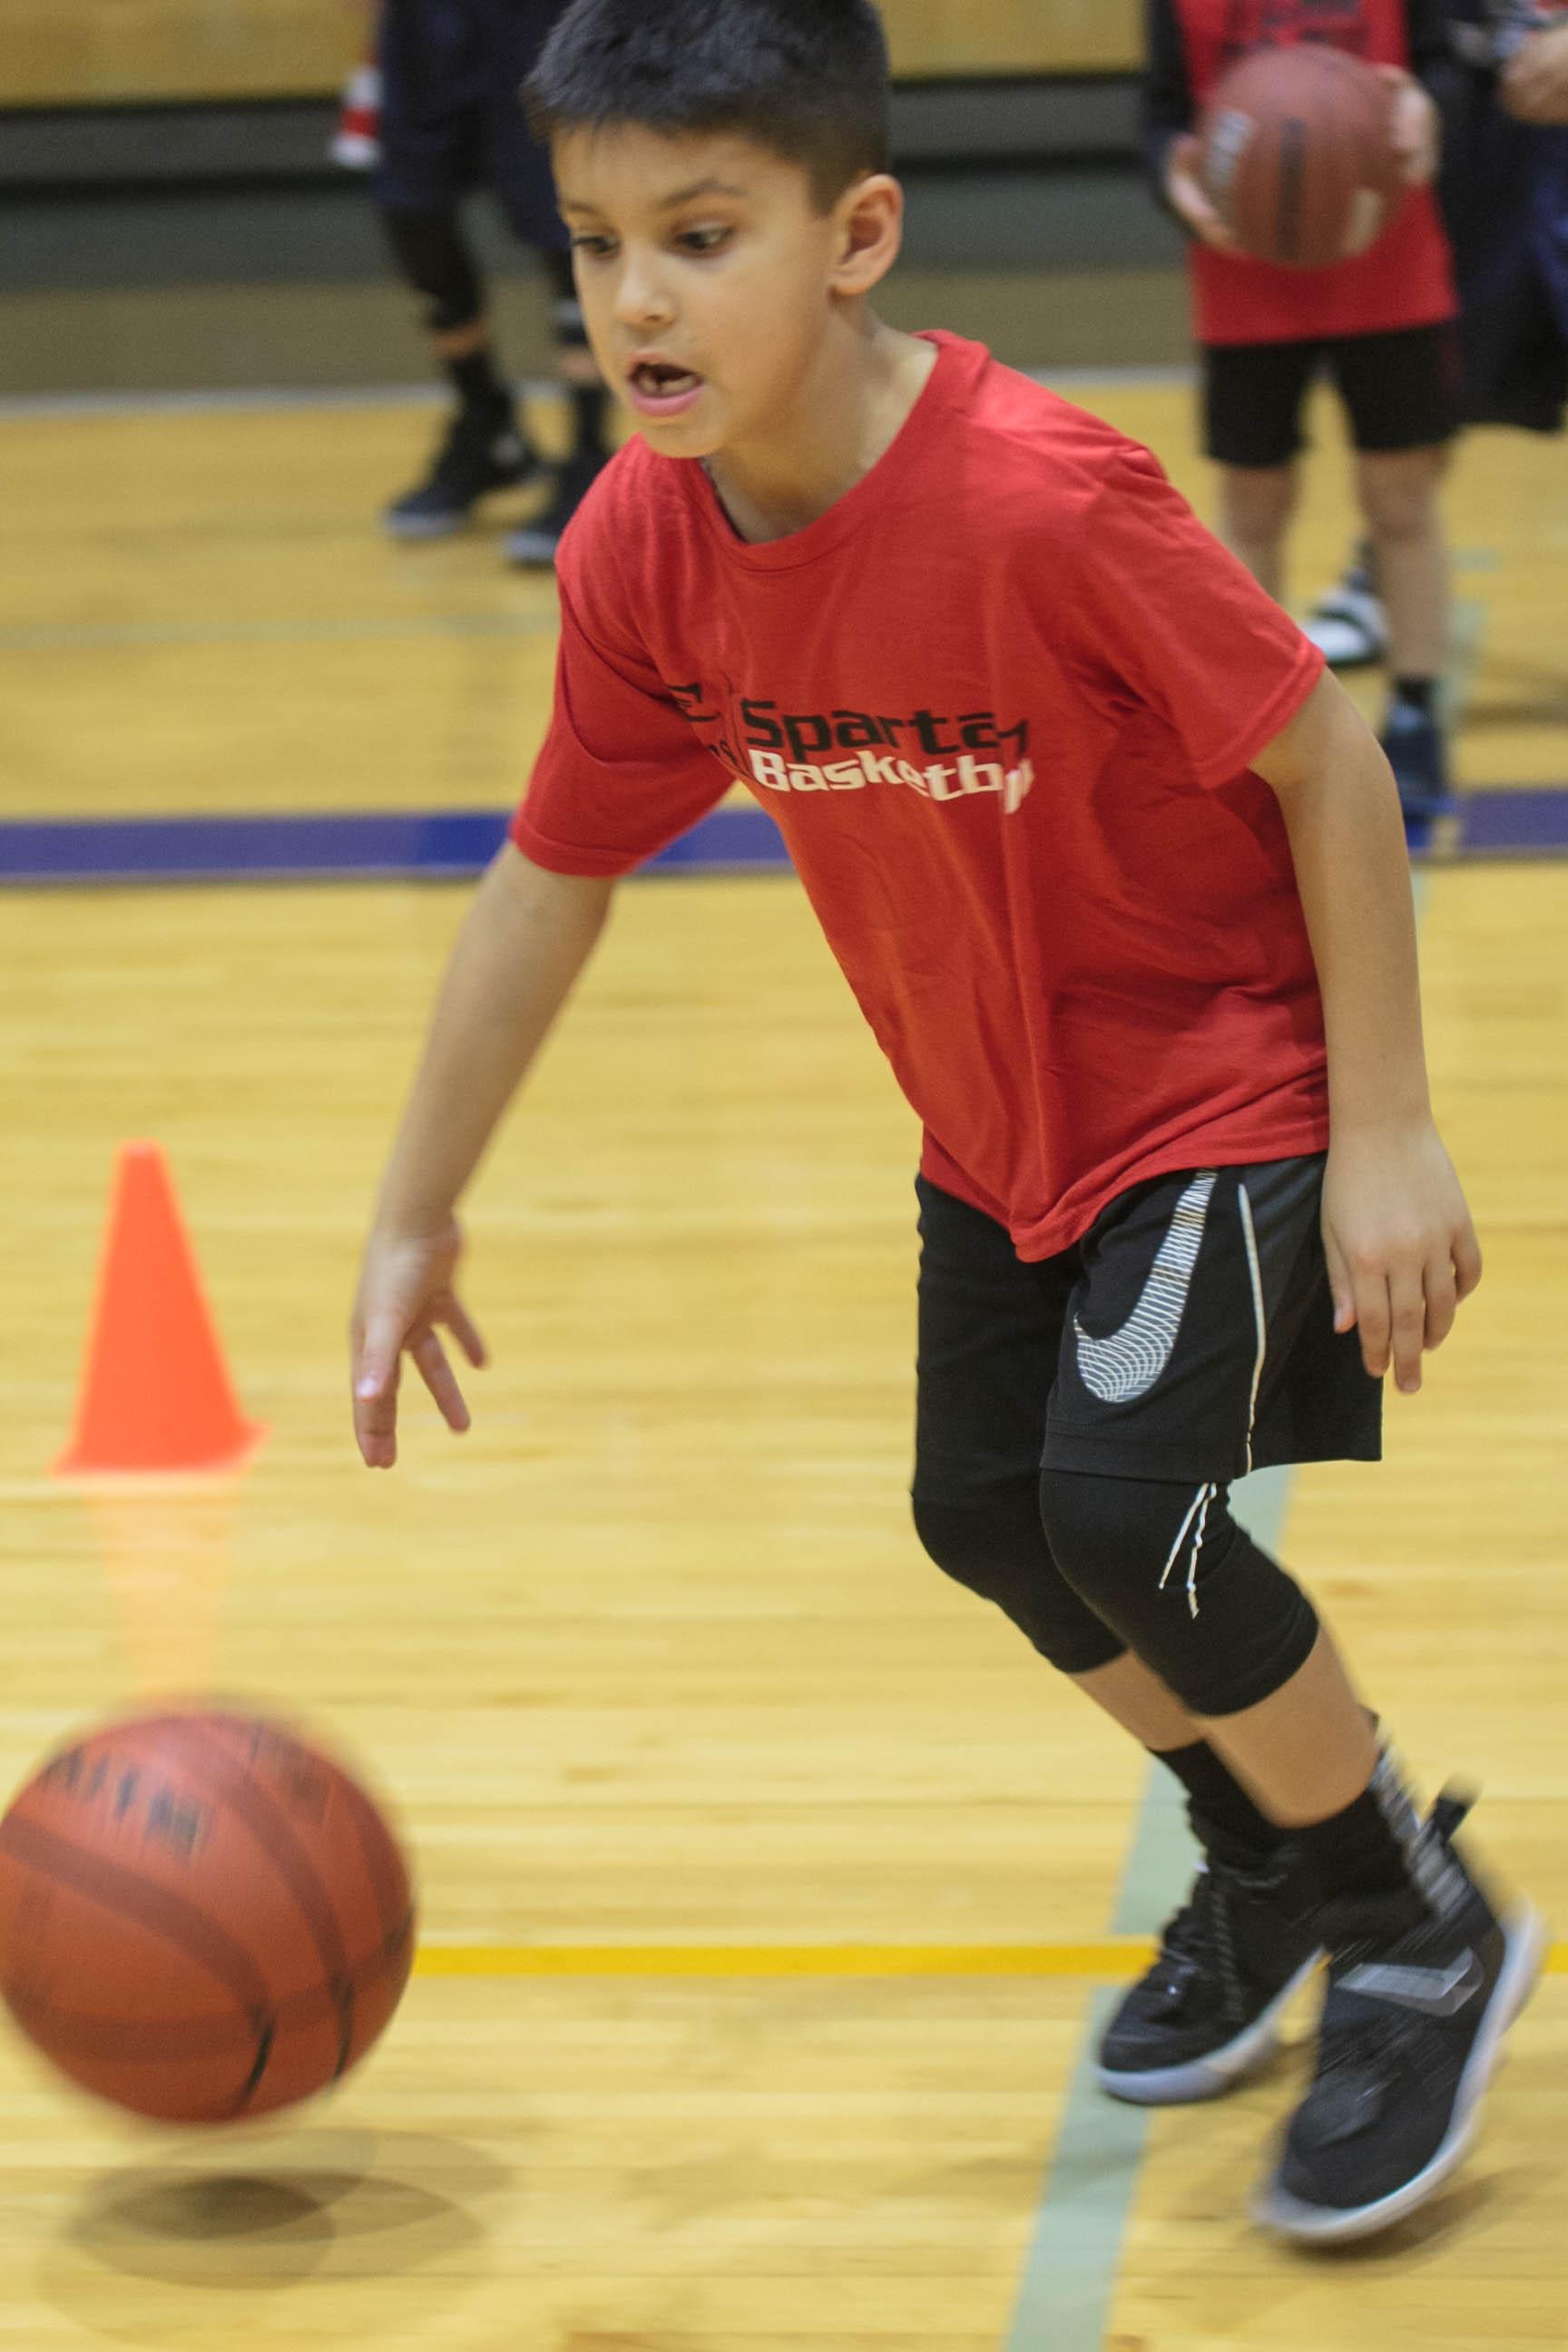 san antonio basketball training